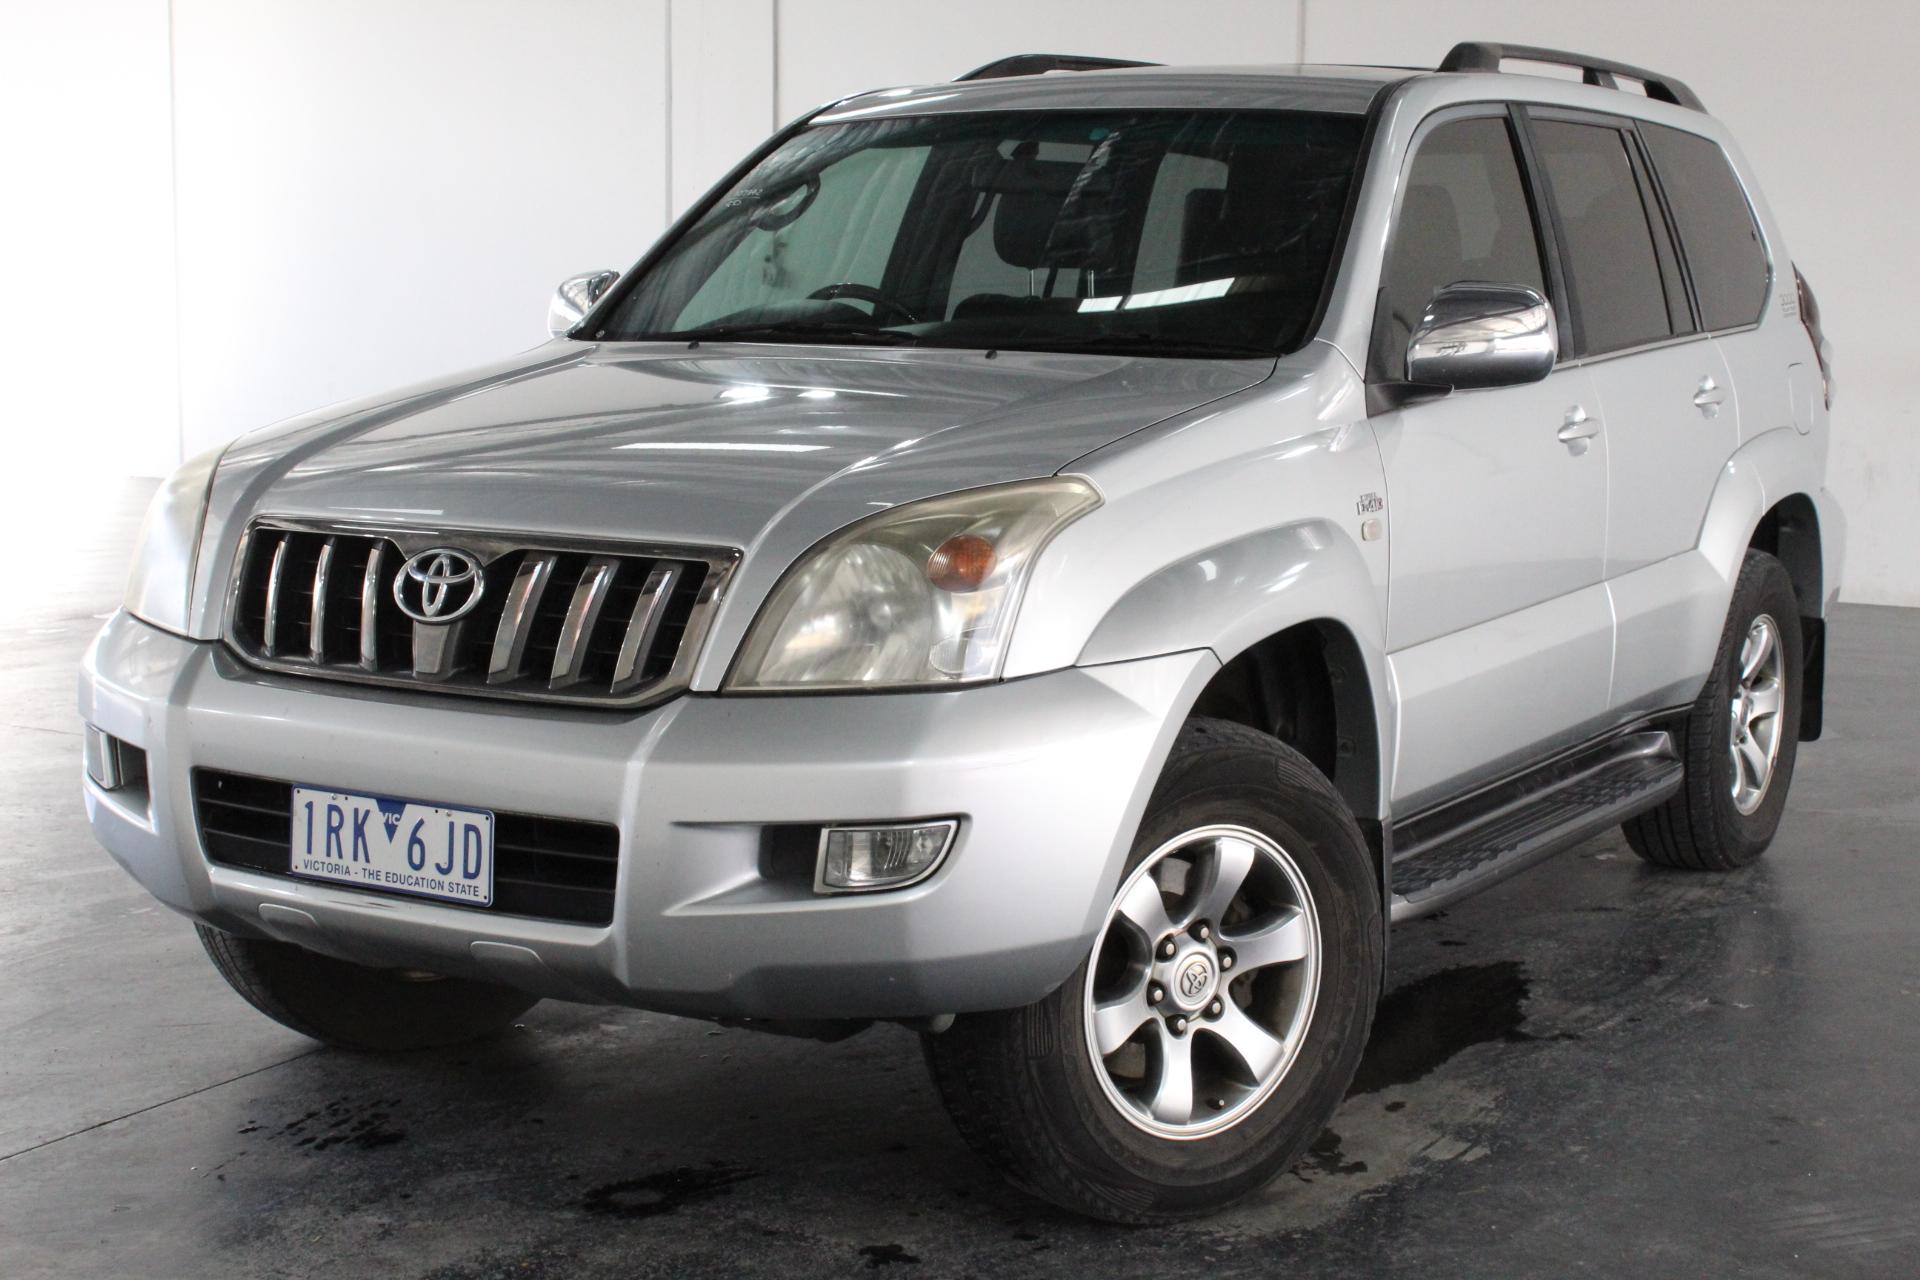 2008 Toyota Landcruiser Prado Grande 4x4 KDJ120R T/Diesel Auto 8 Seats